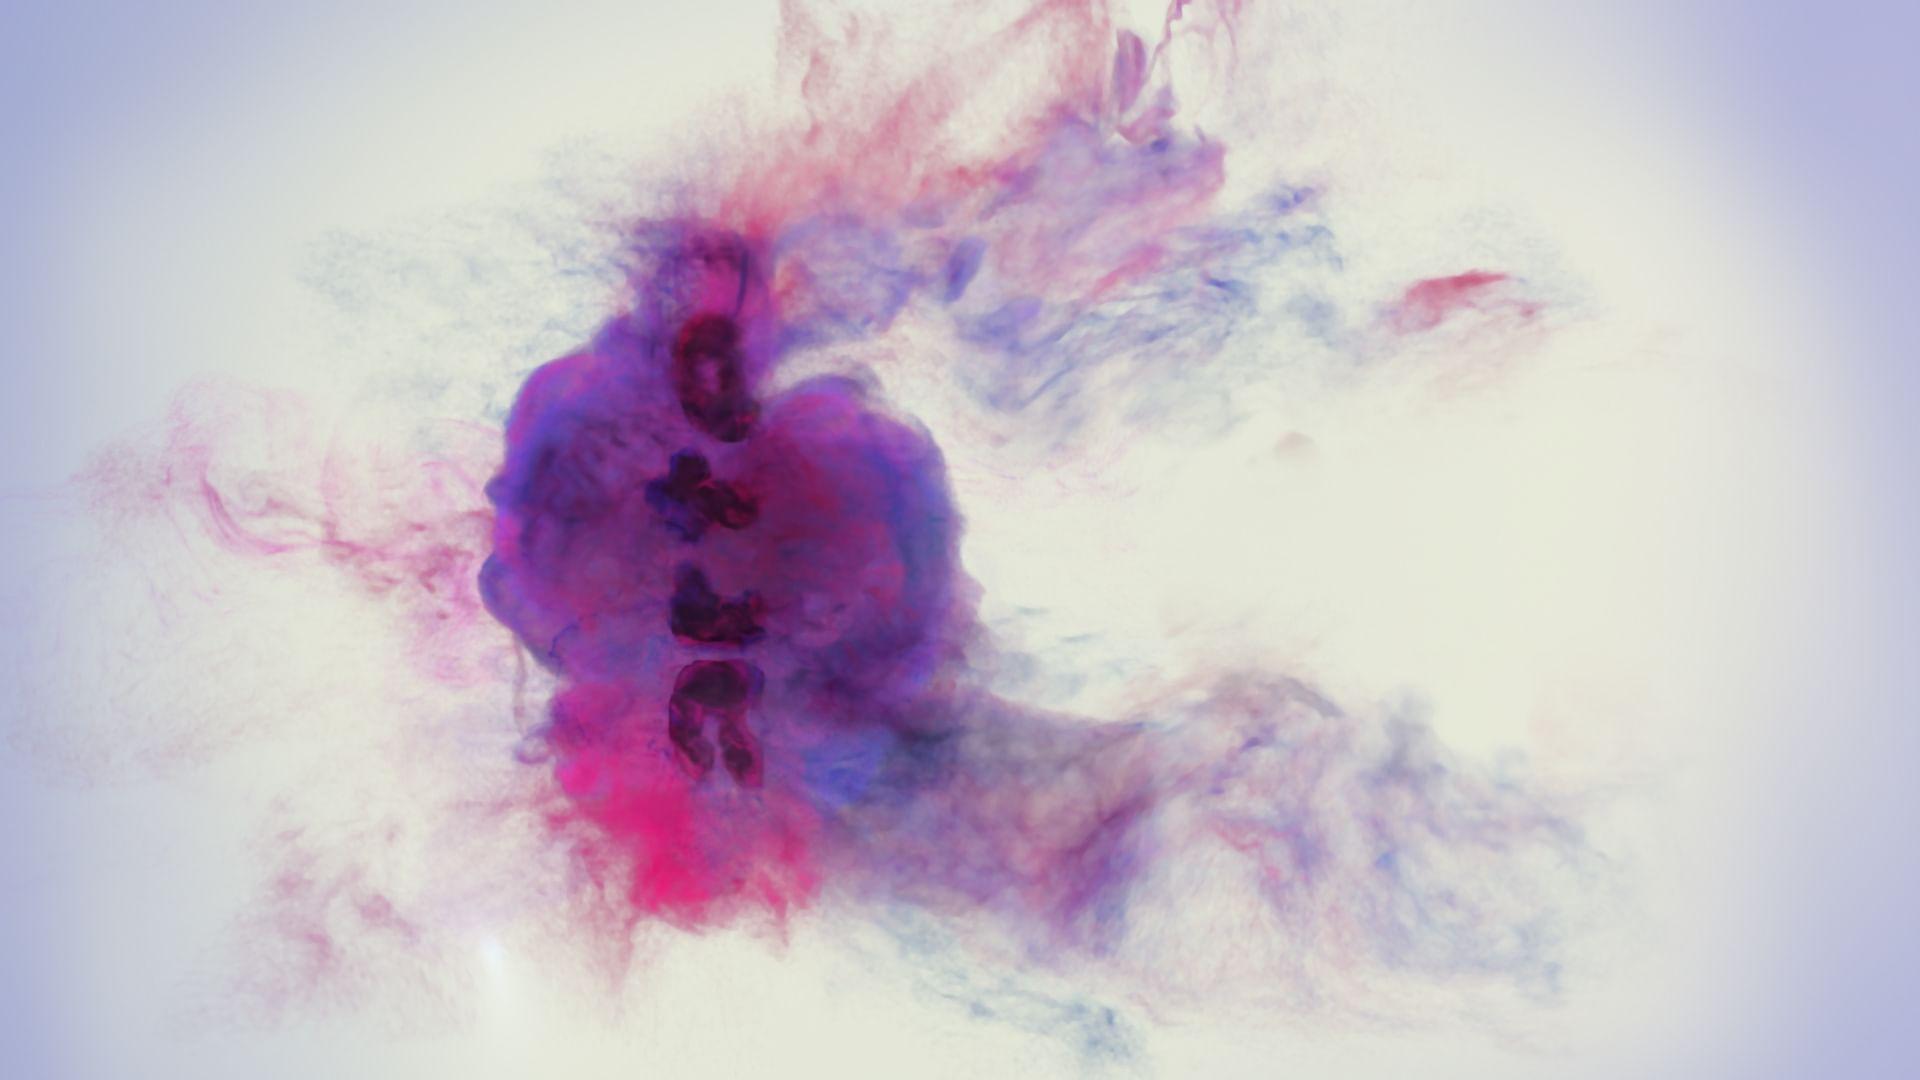 Wie weiß bleibt der Eisbär?